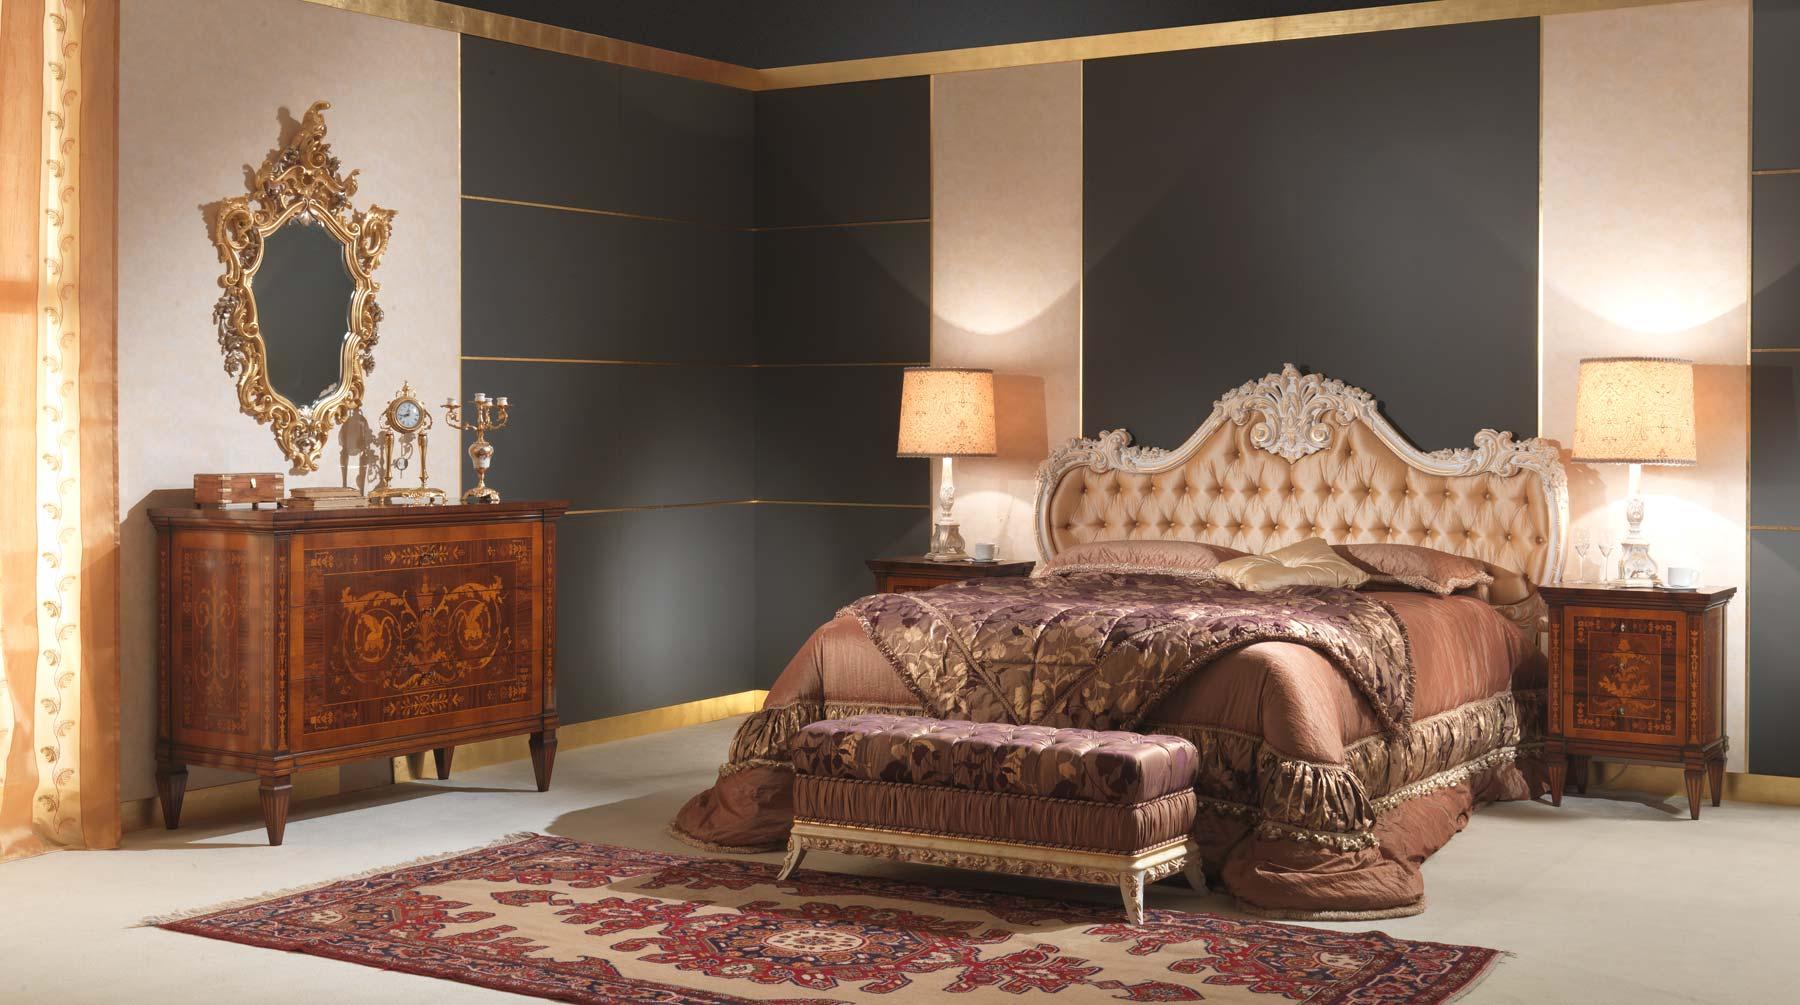 Prezzi Camere Da Letto Gotha camera da letto classica 700 italiano e maggiolini